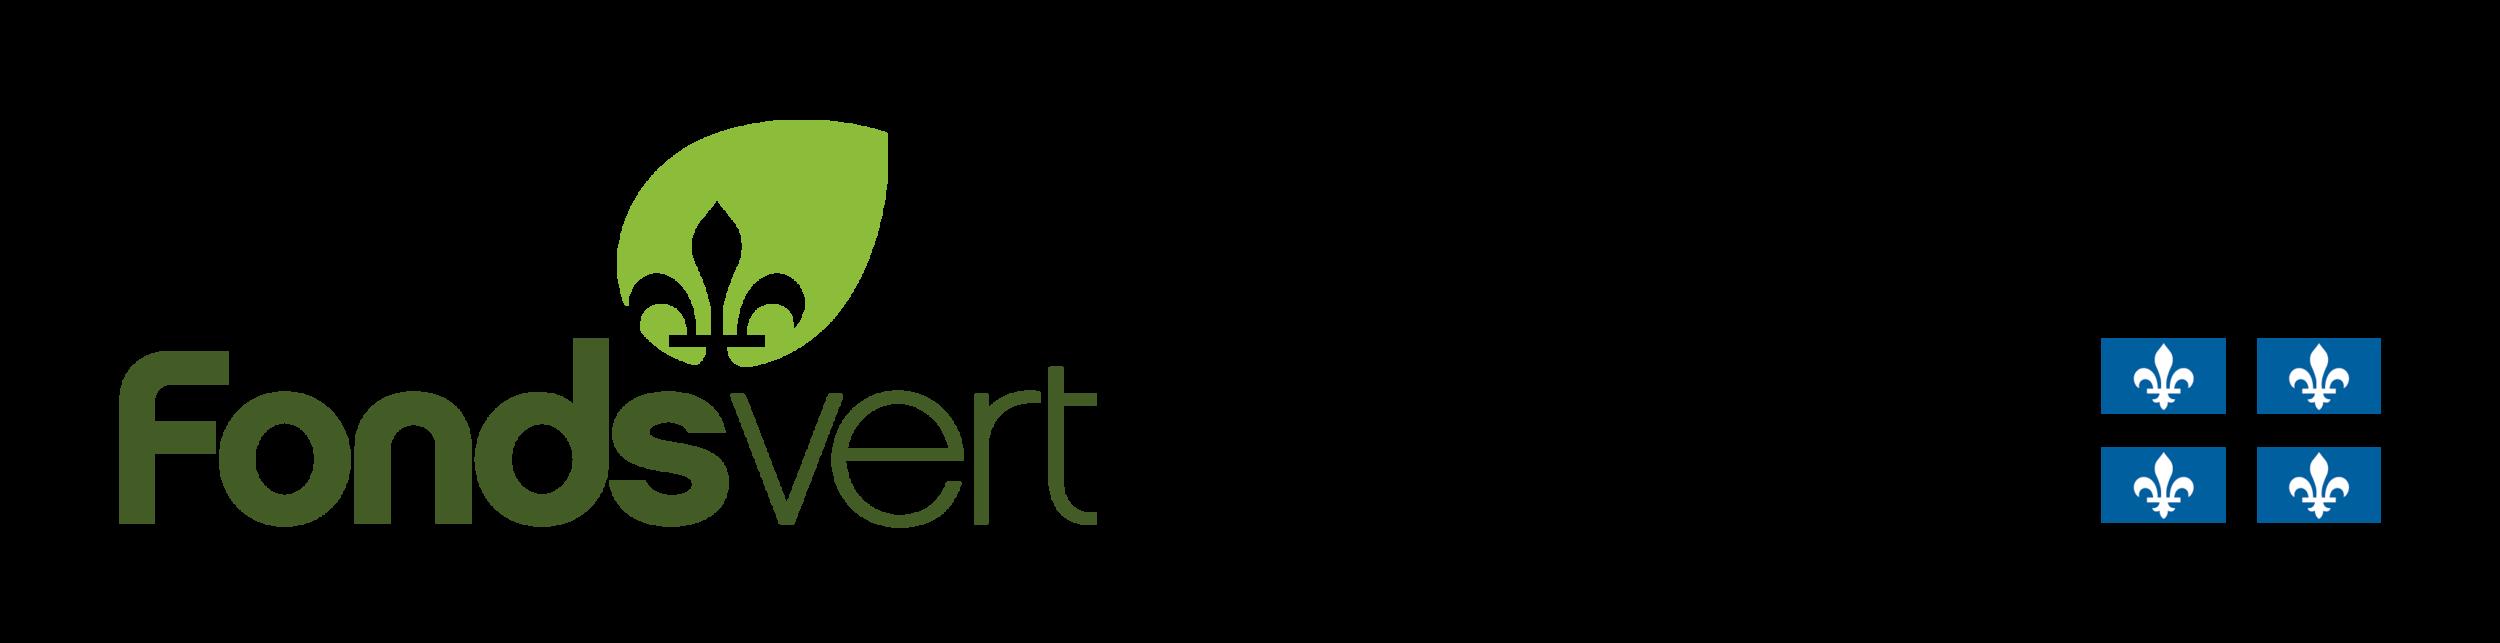 fonds_vert_couleurs (1).png